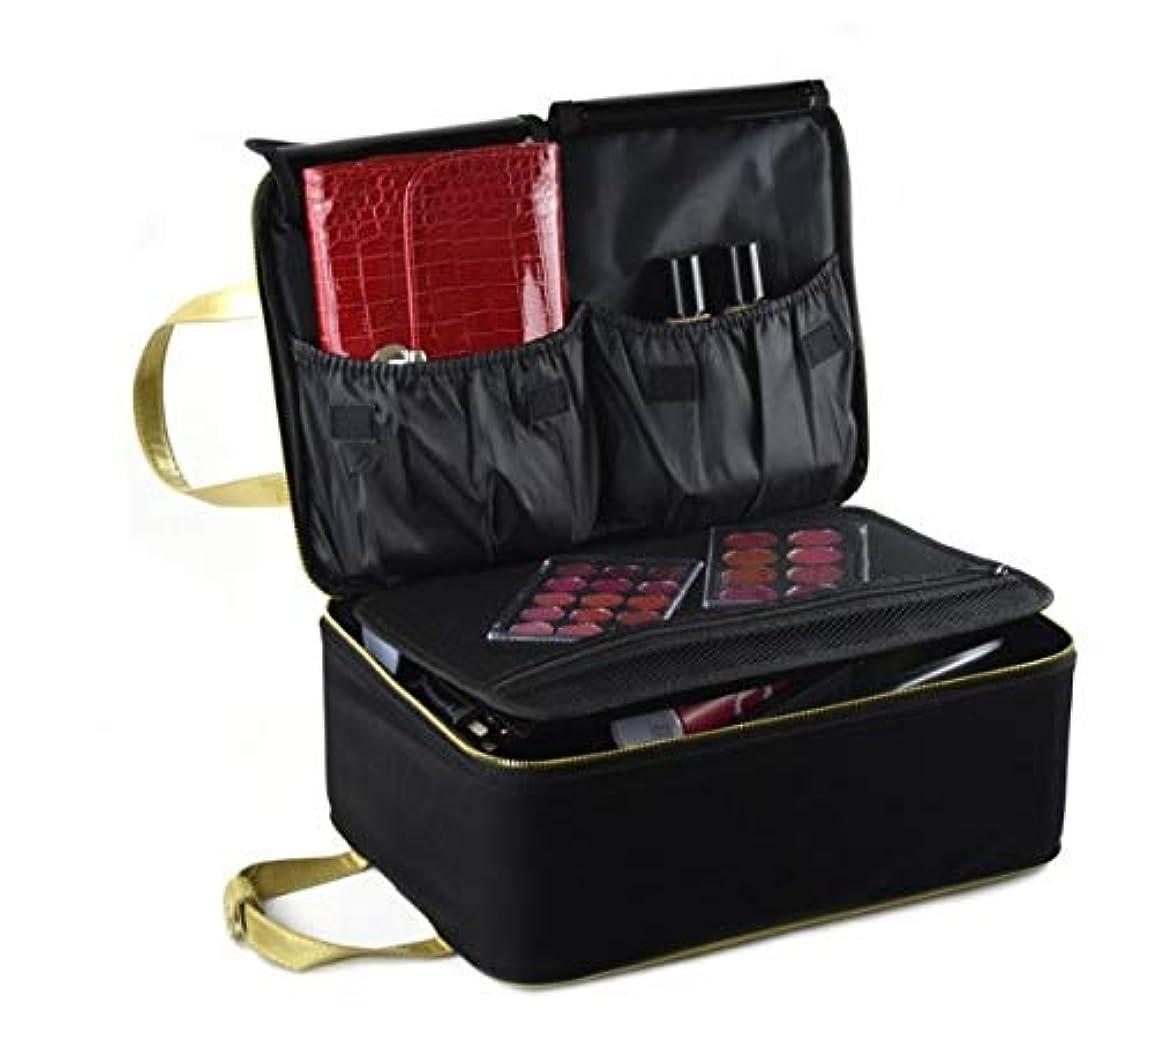 章リーダーシップシーフード化粧箱、黒い携帯用化粧品の箱、携帯用旅行化粧品の箱、美の釘の宝石類の収納箱 (Size : S)